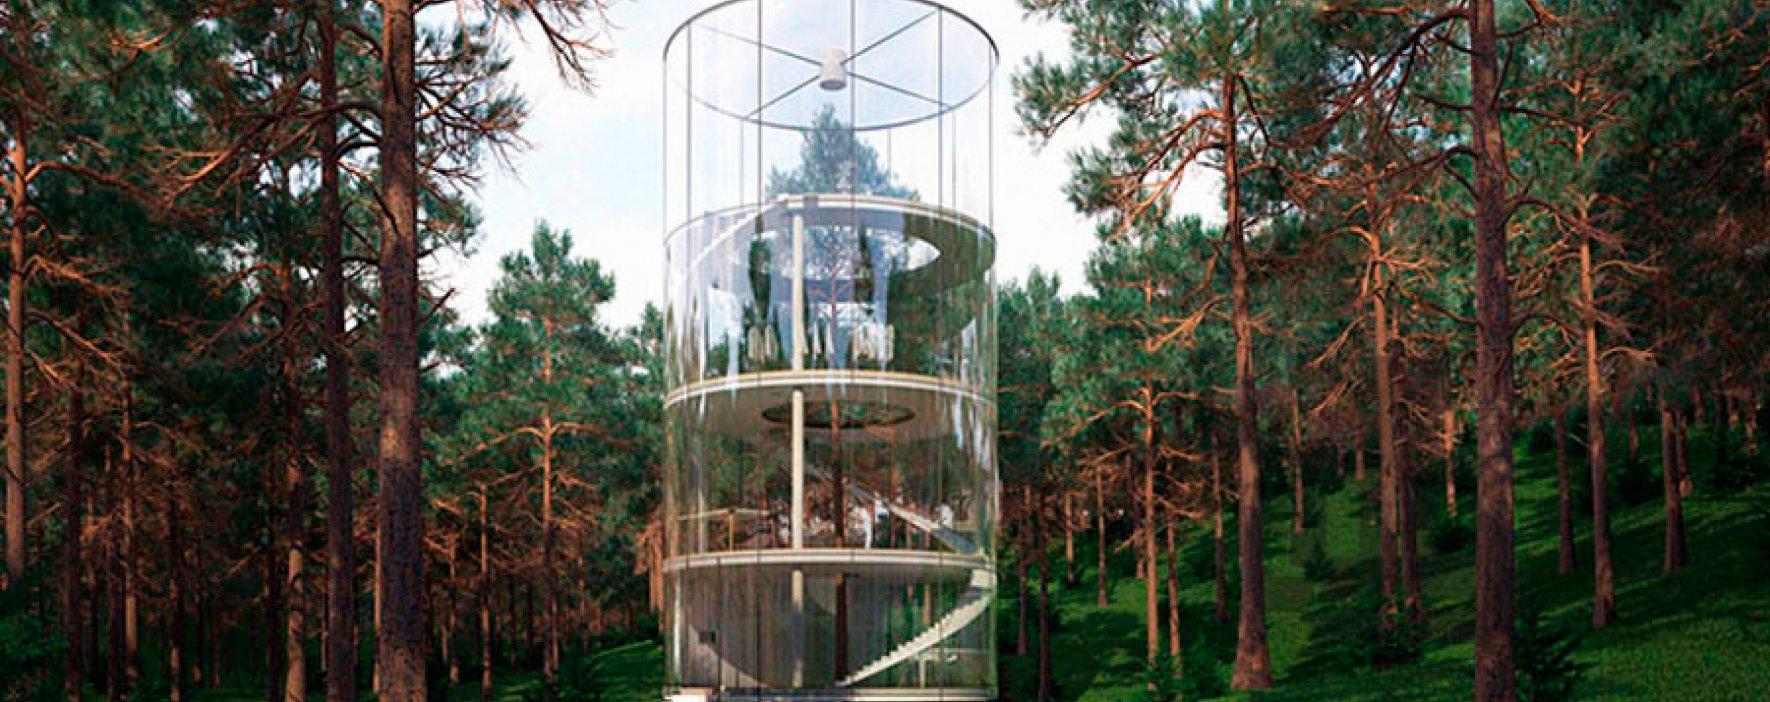 Tree in the house, una construcción inmersa en la naturaleza